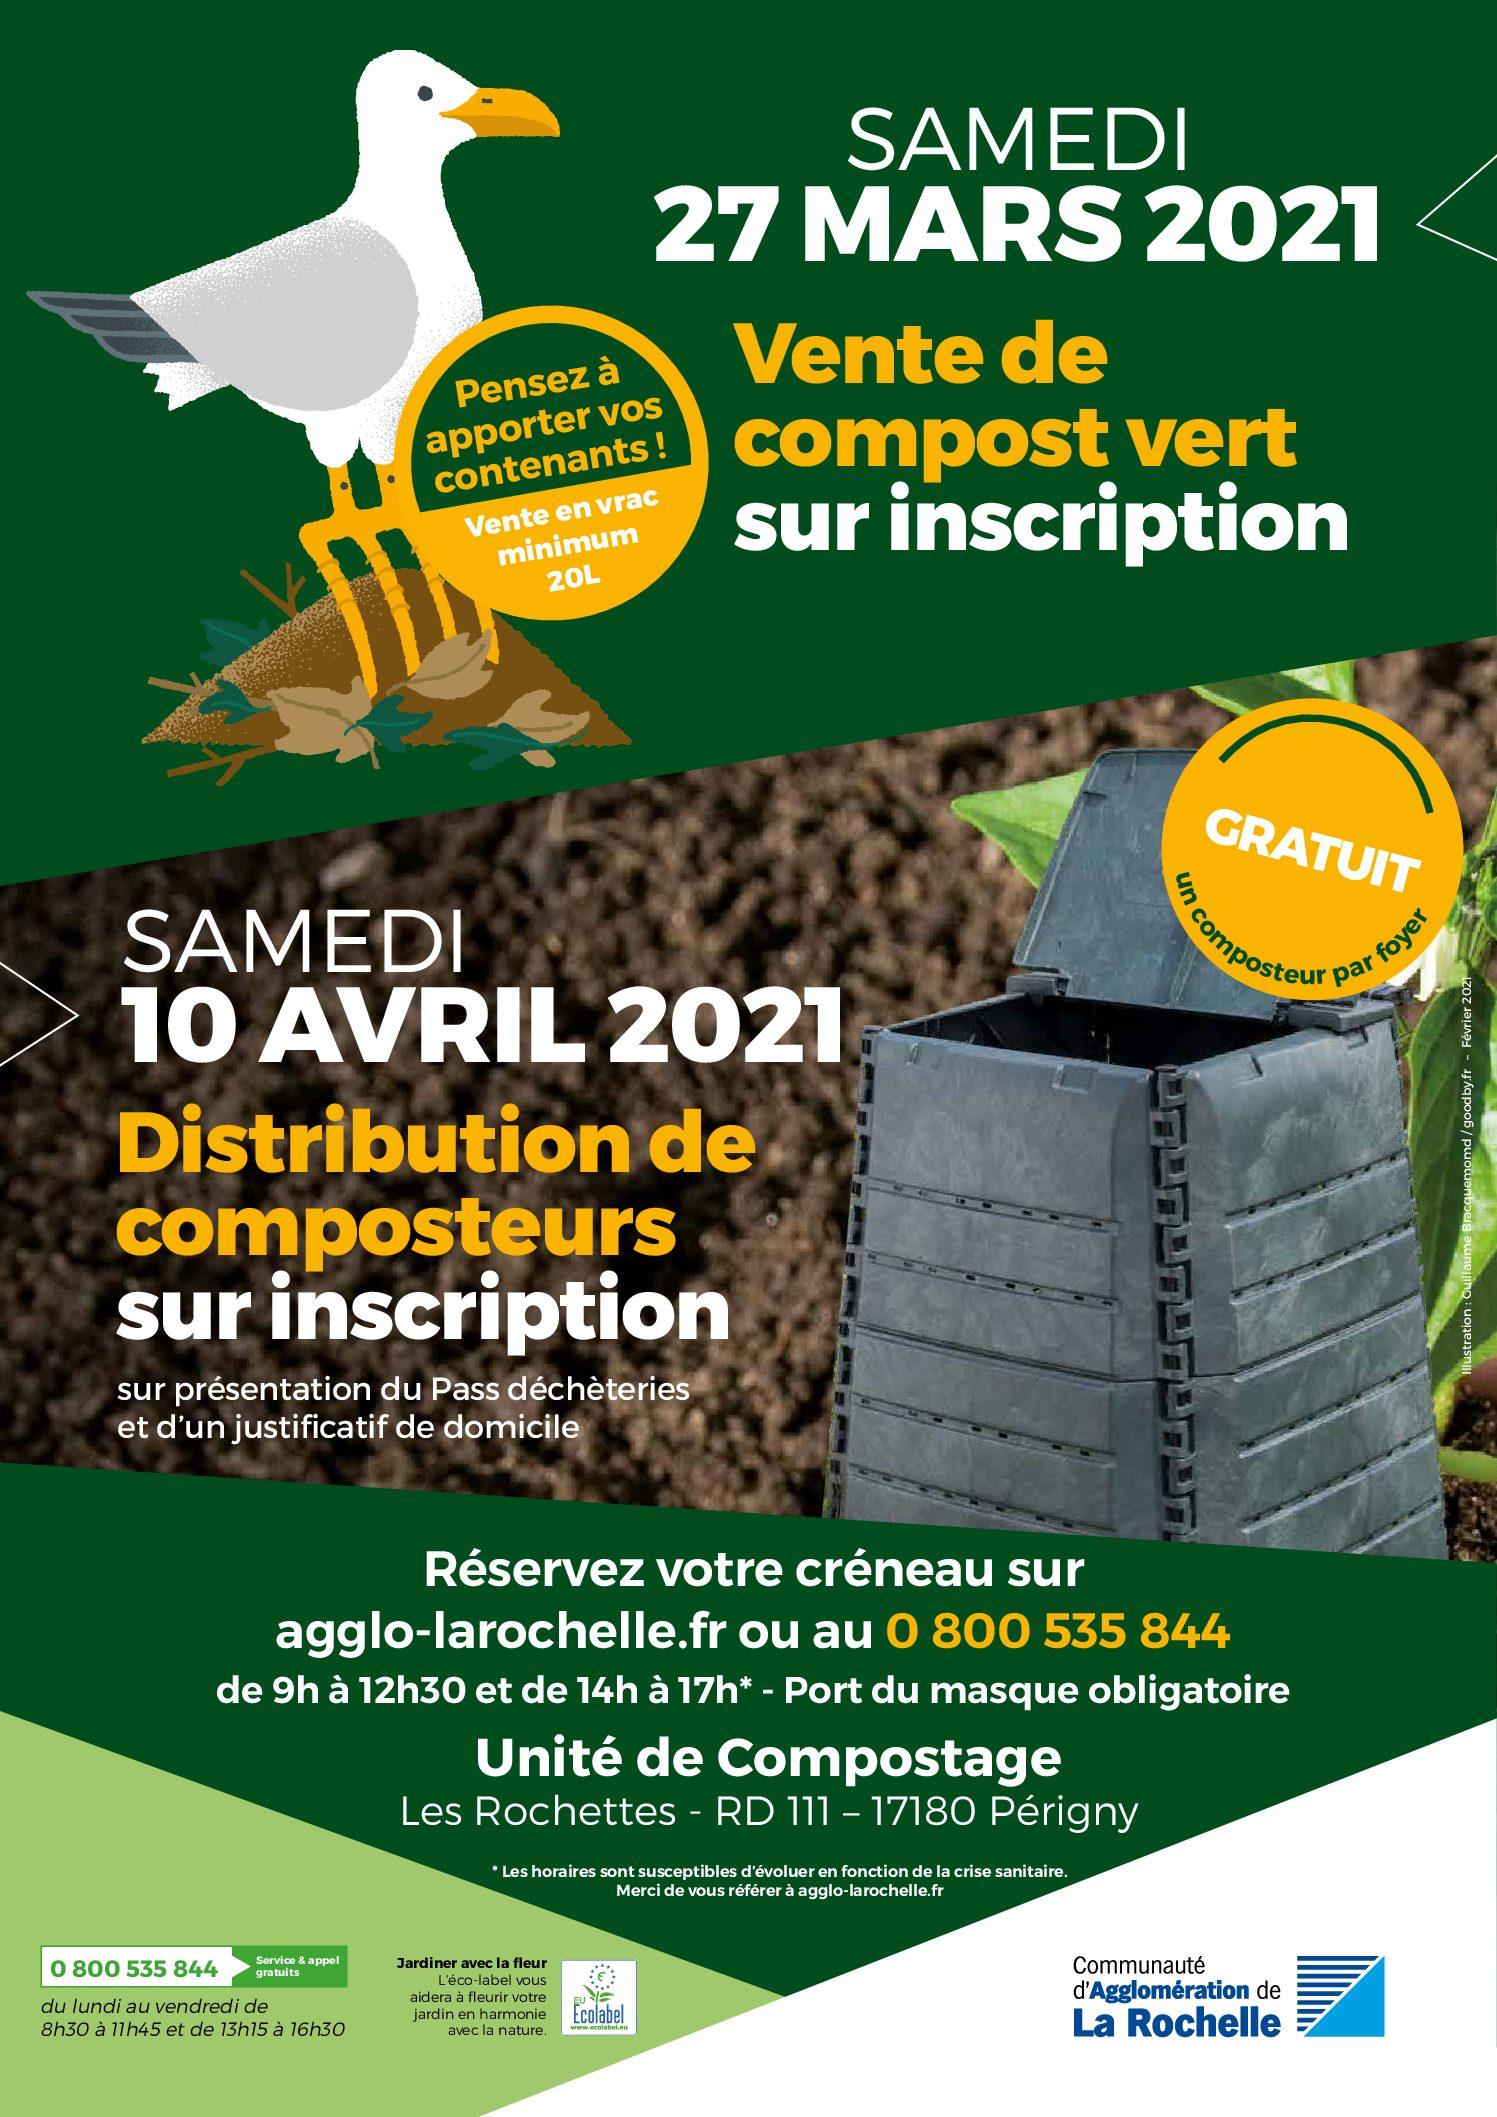 Distribution de compost vert le 27 mars 2021